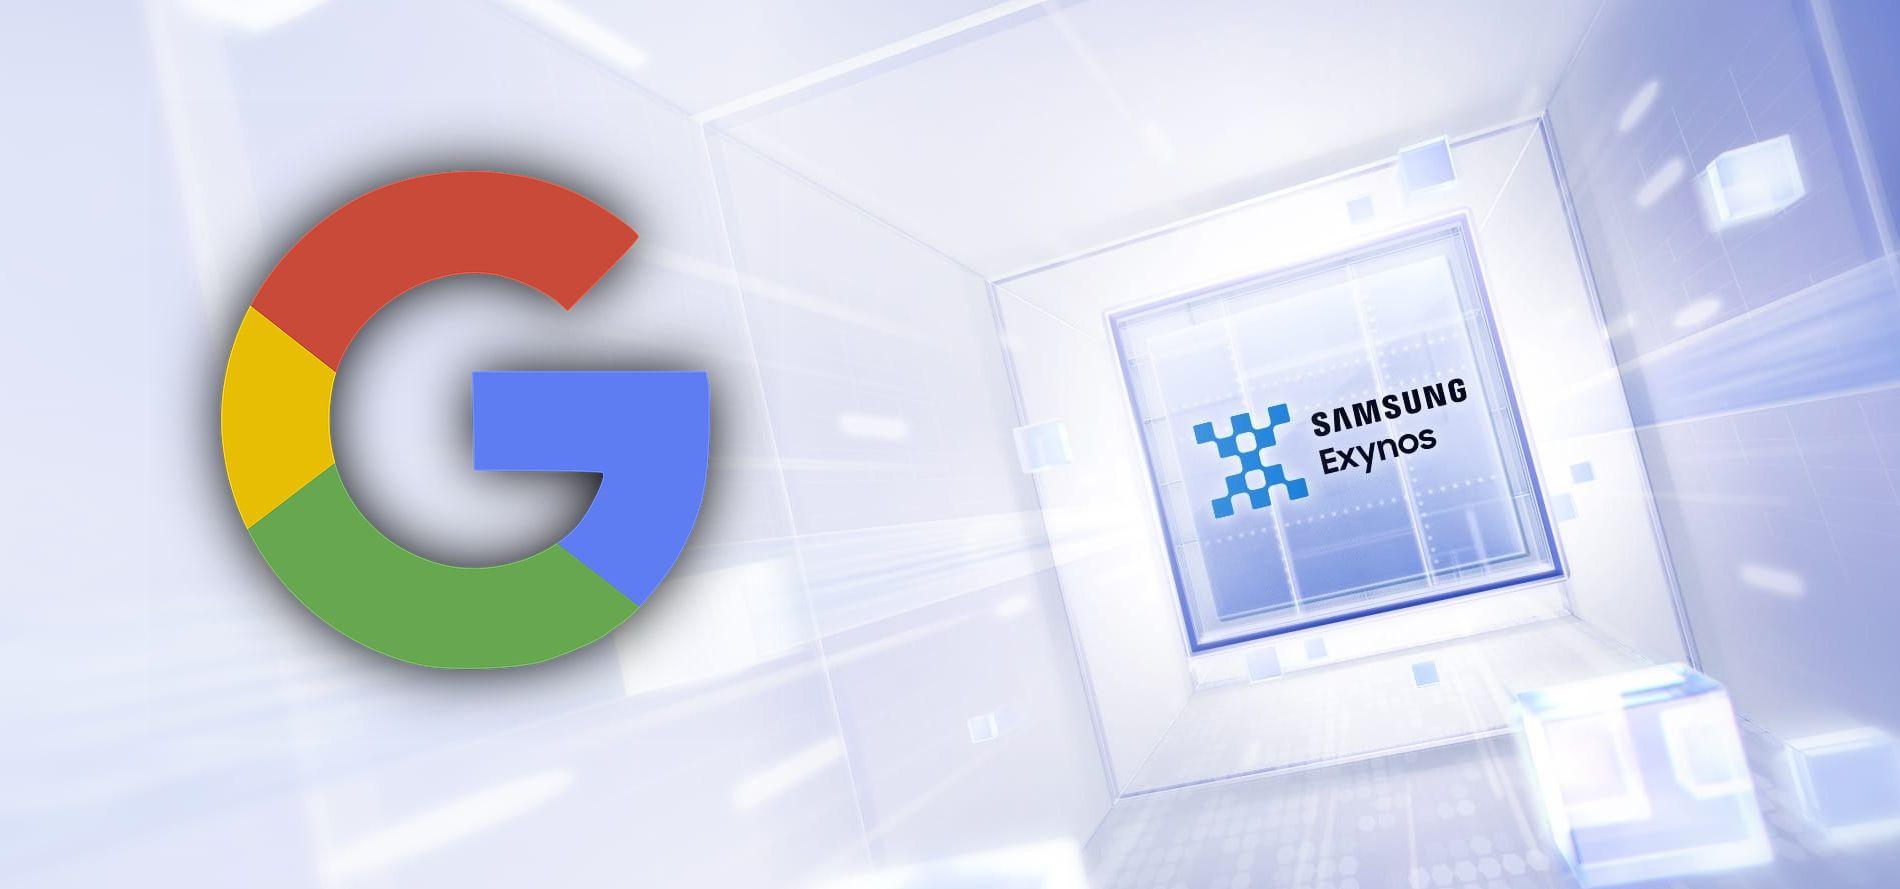 Samsung tworzy ekskluzywny procesor Exynos dla Google 18